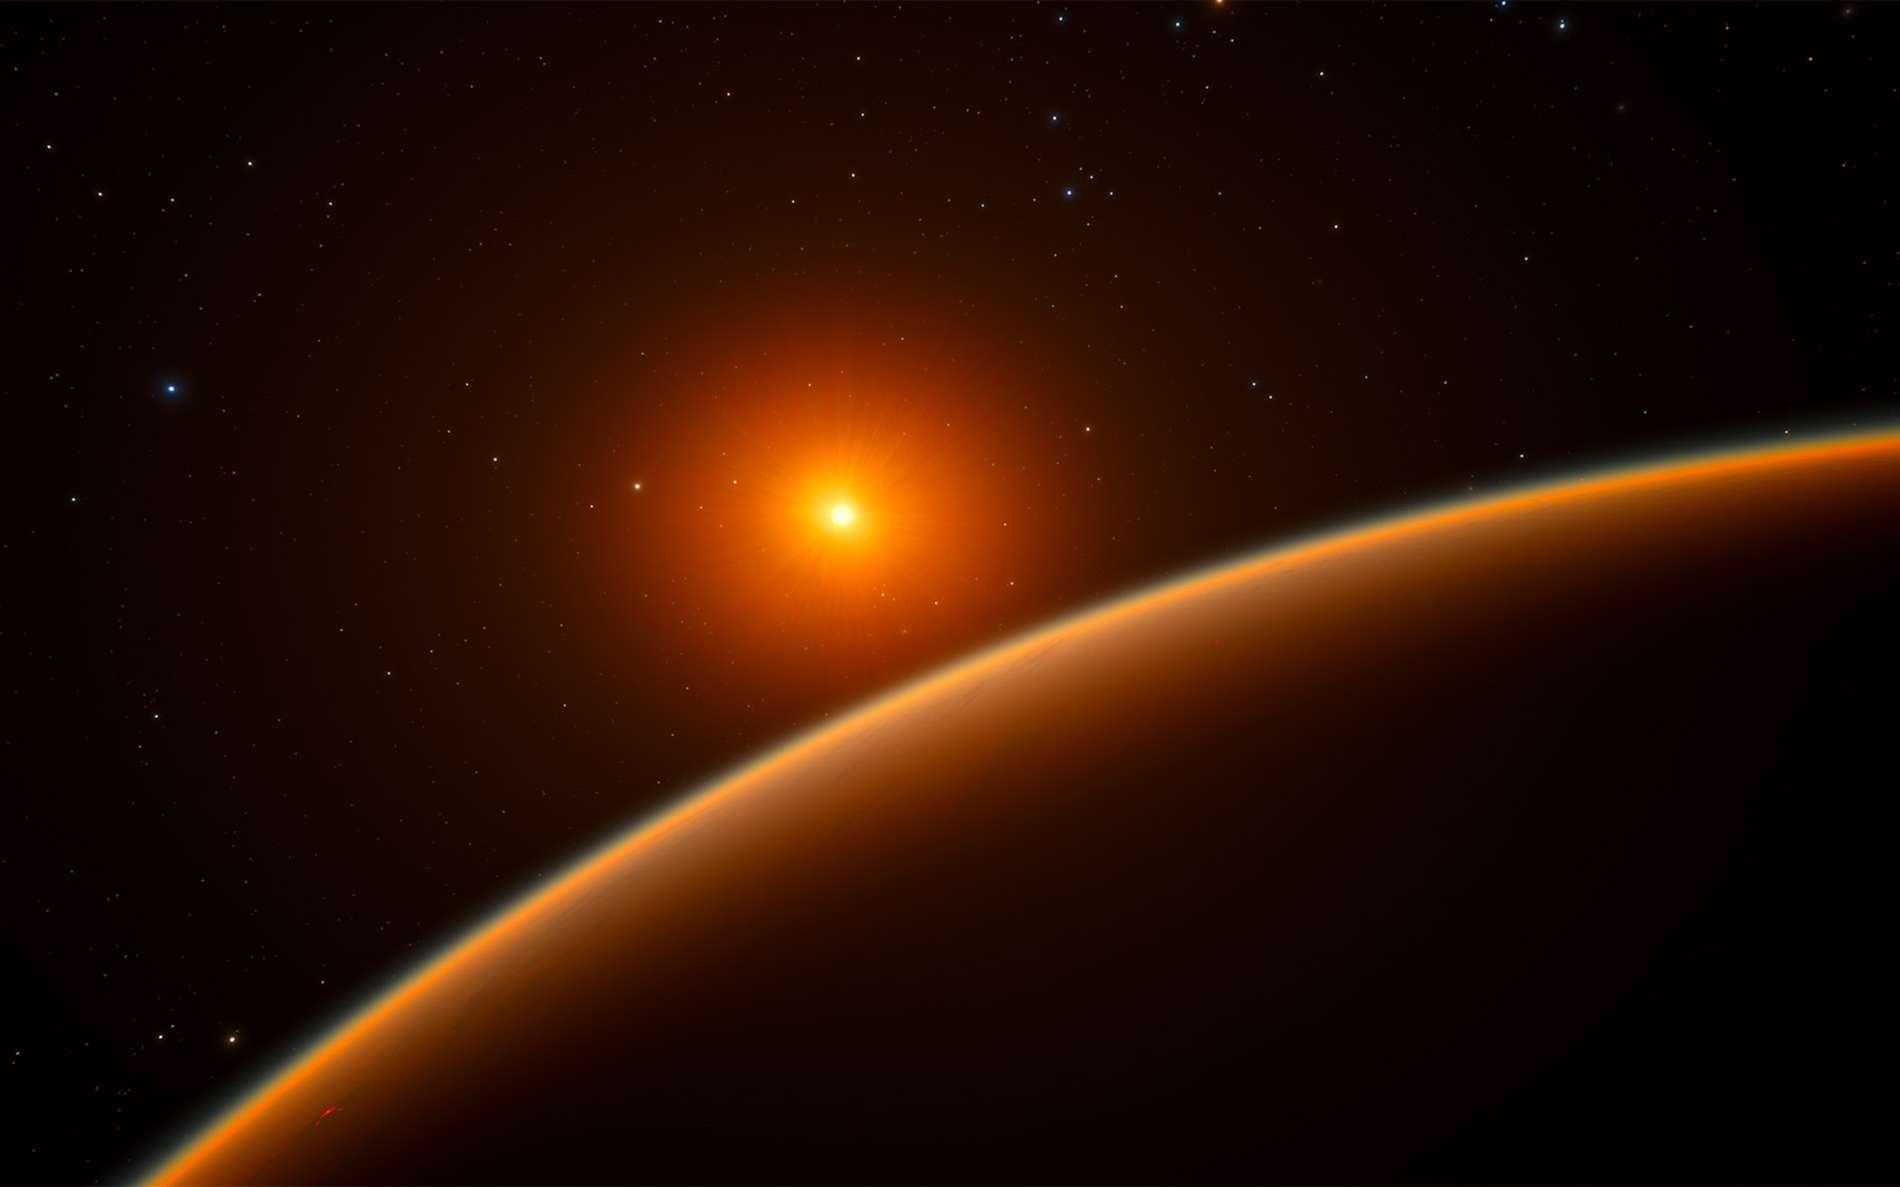 Découverte avec l'instrument Harps, de l'ESO, au Chili, l'exoplanète LHS 1140b est la meilleure planète candidate pour la recherche de traces de vie au-delà du Système solaire. © ESO